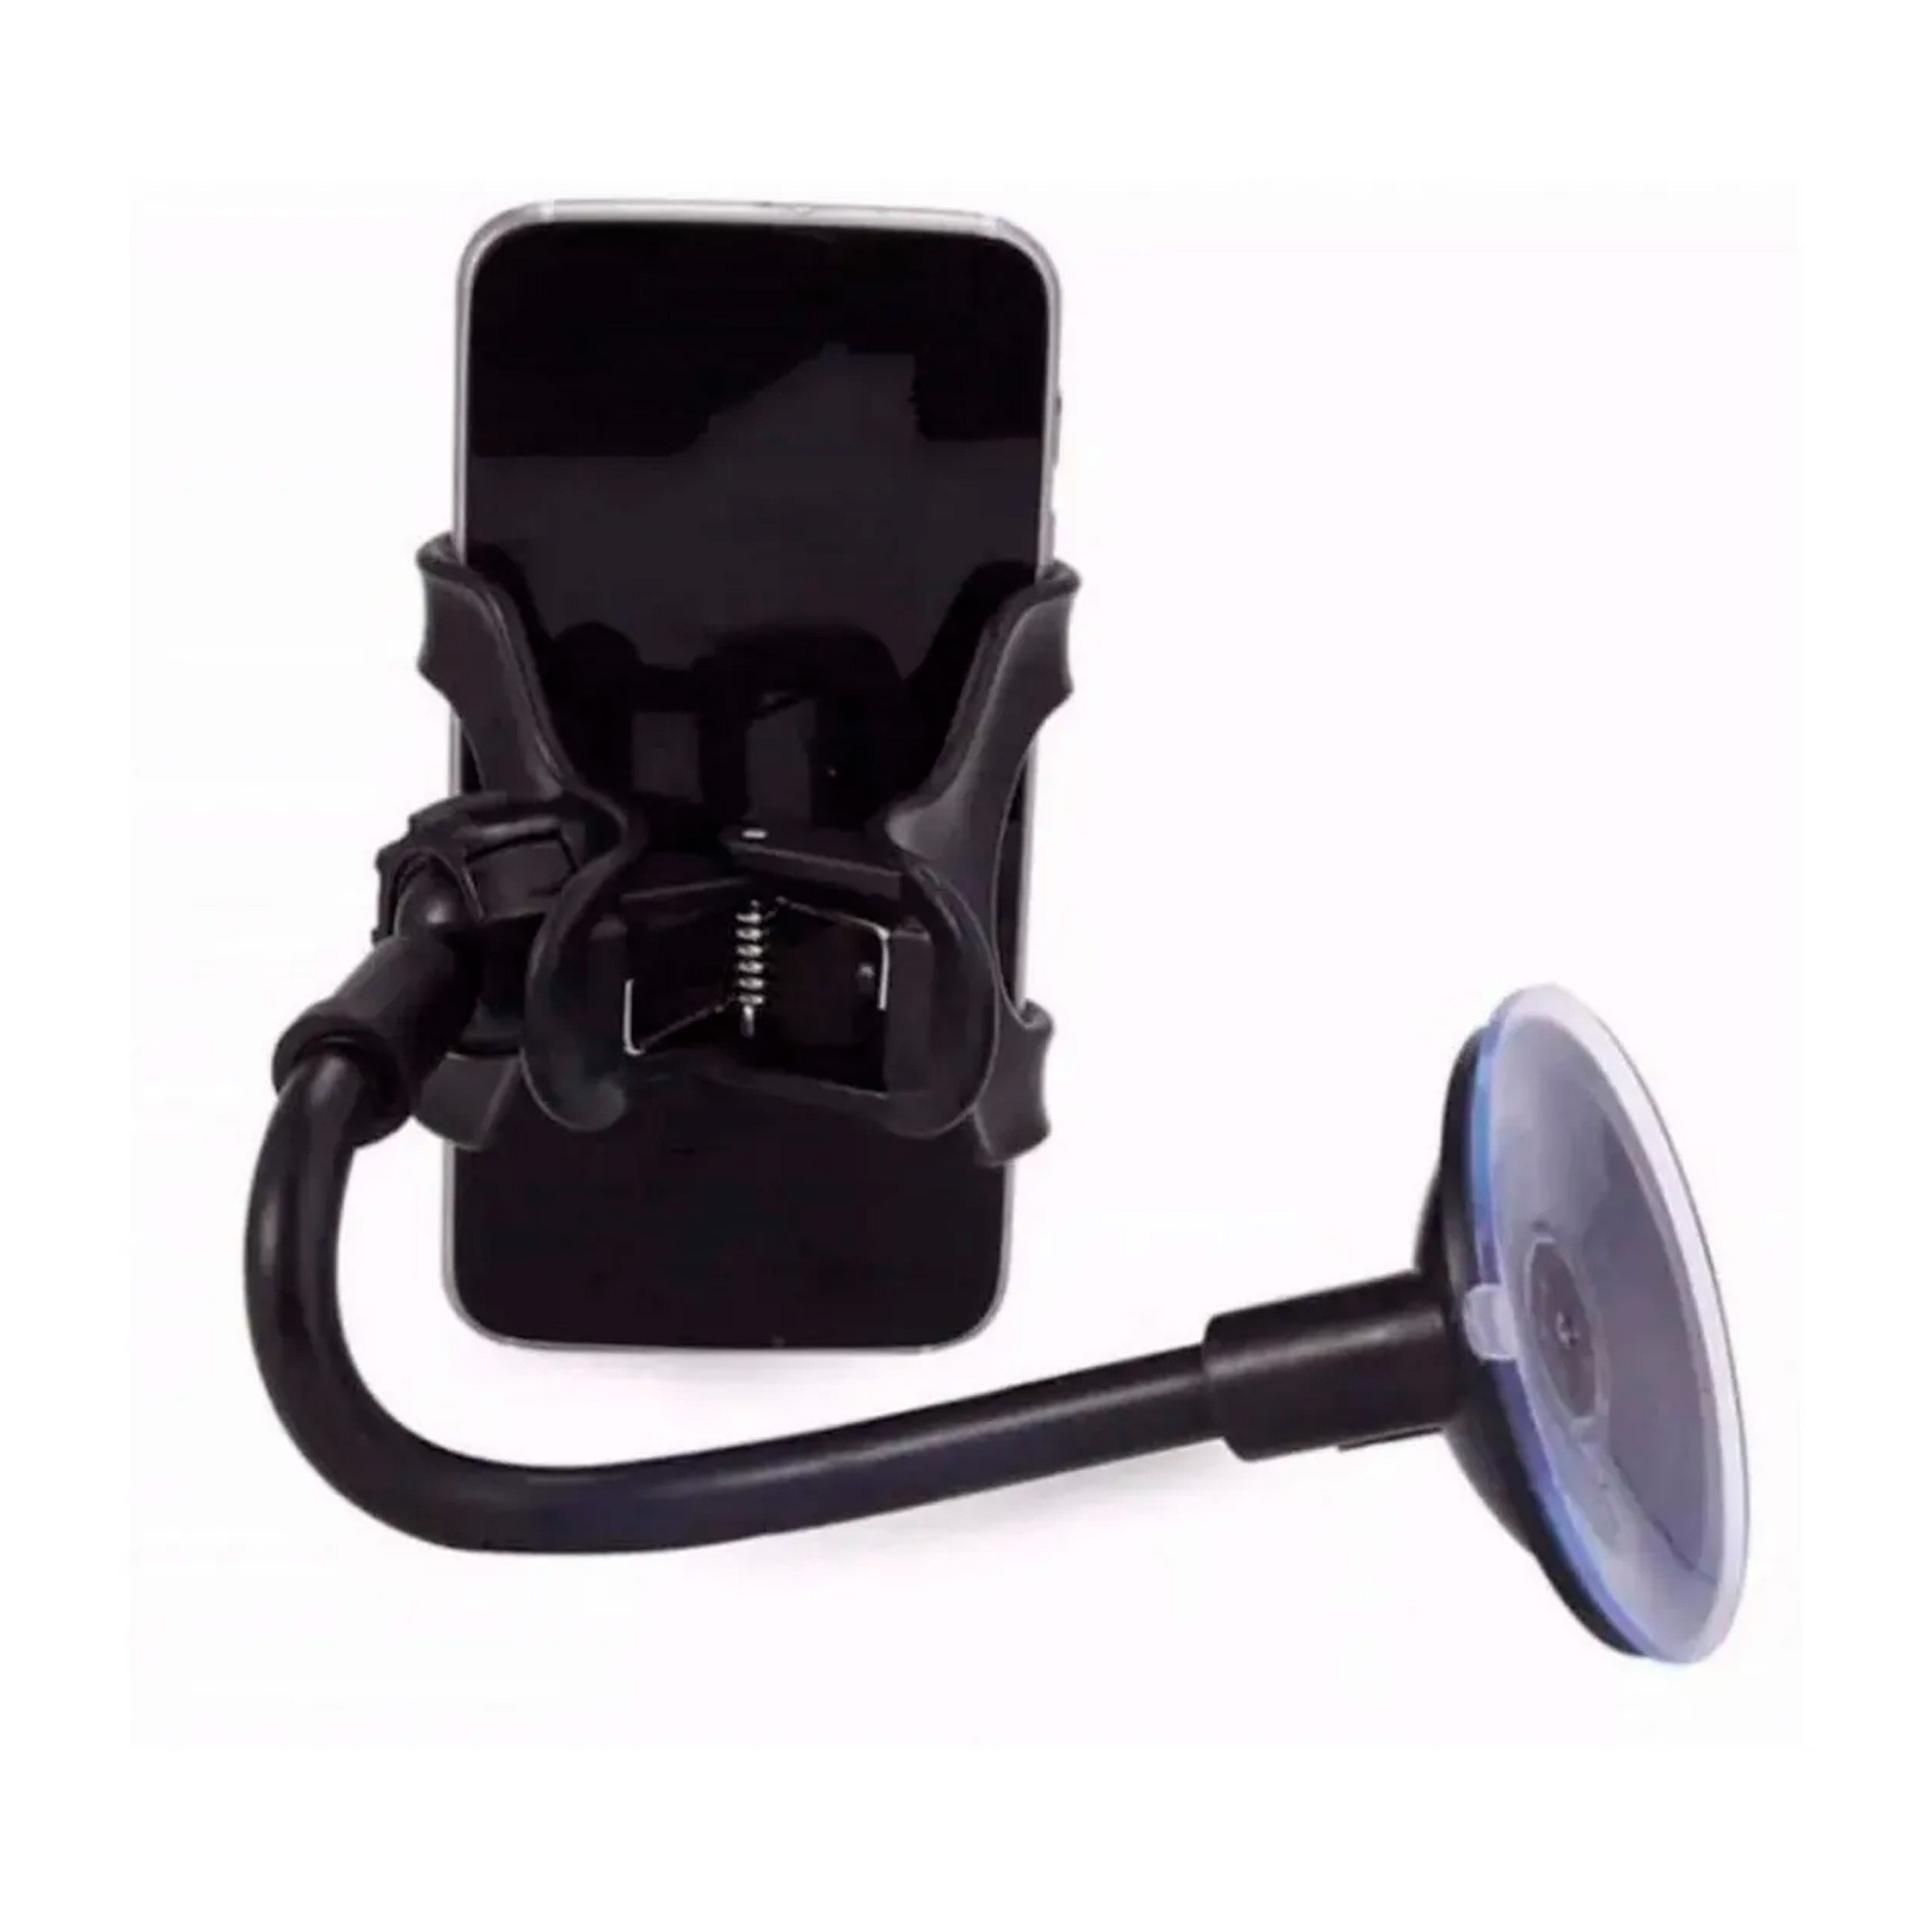 Suporte Universal Veicular Para Celular Com Ventosa P/ Vidro